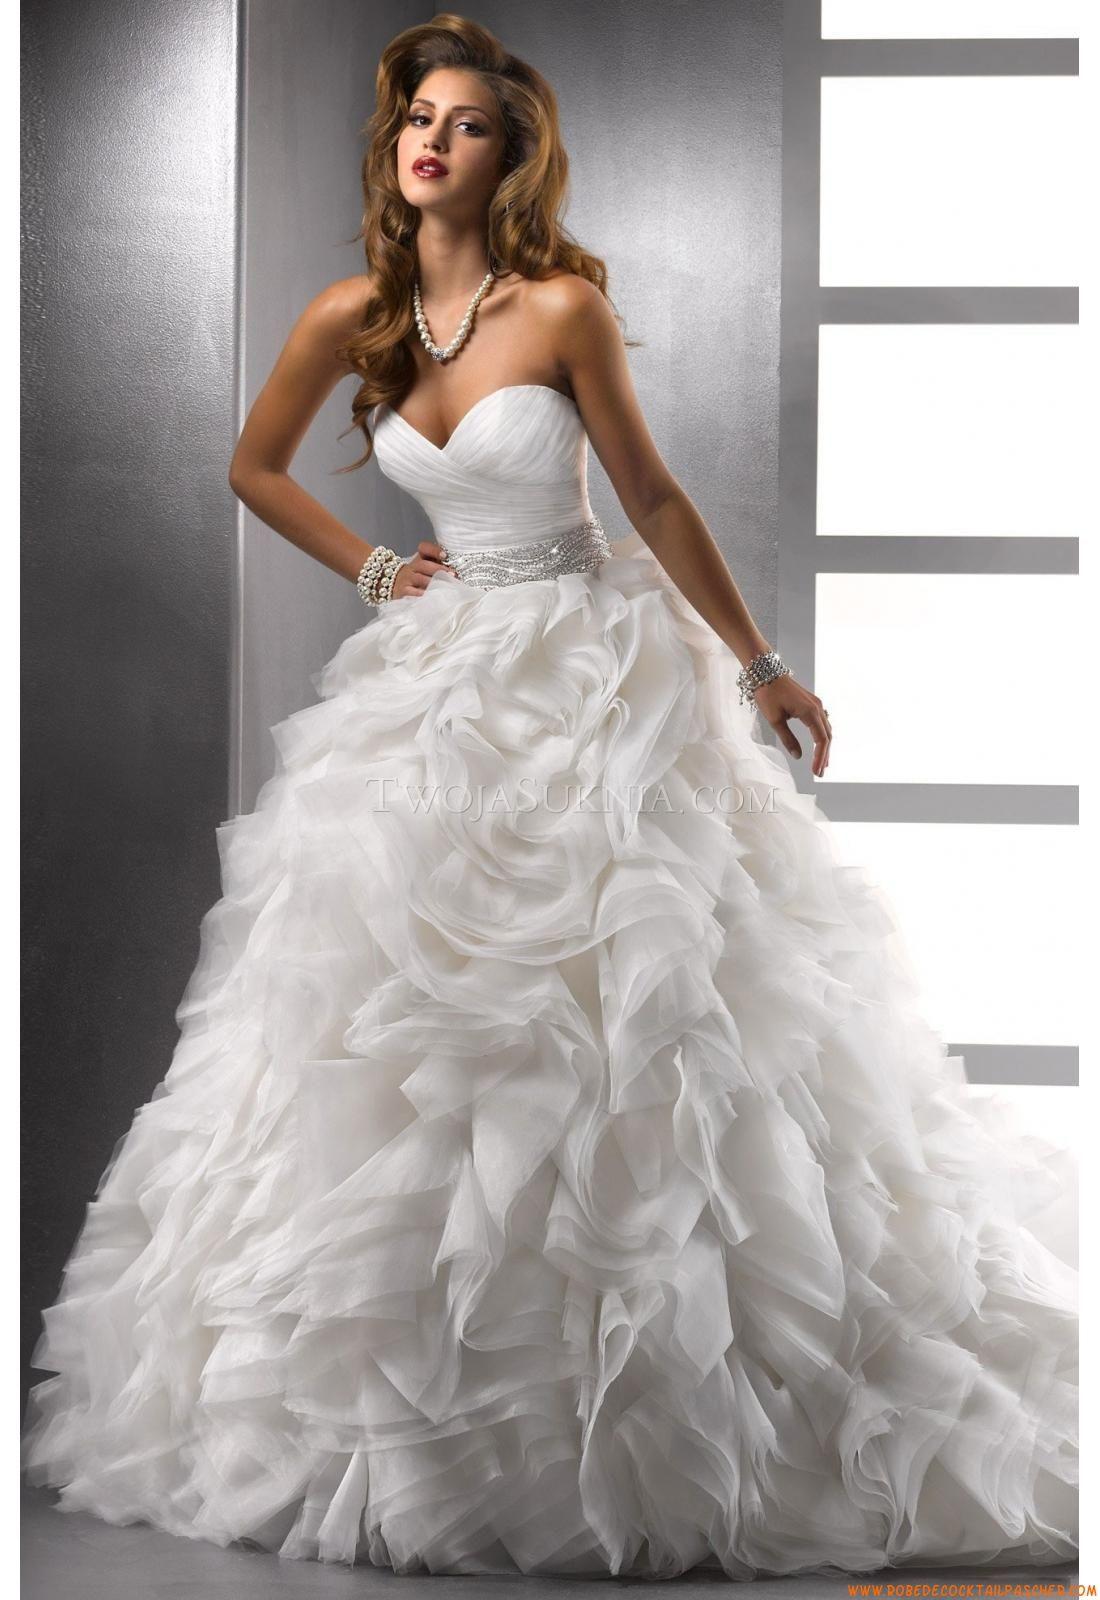 Скучаю животные, свадебные платья картинки самые красивые